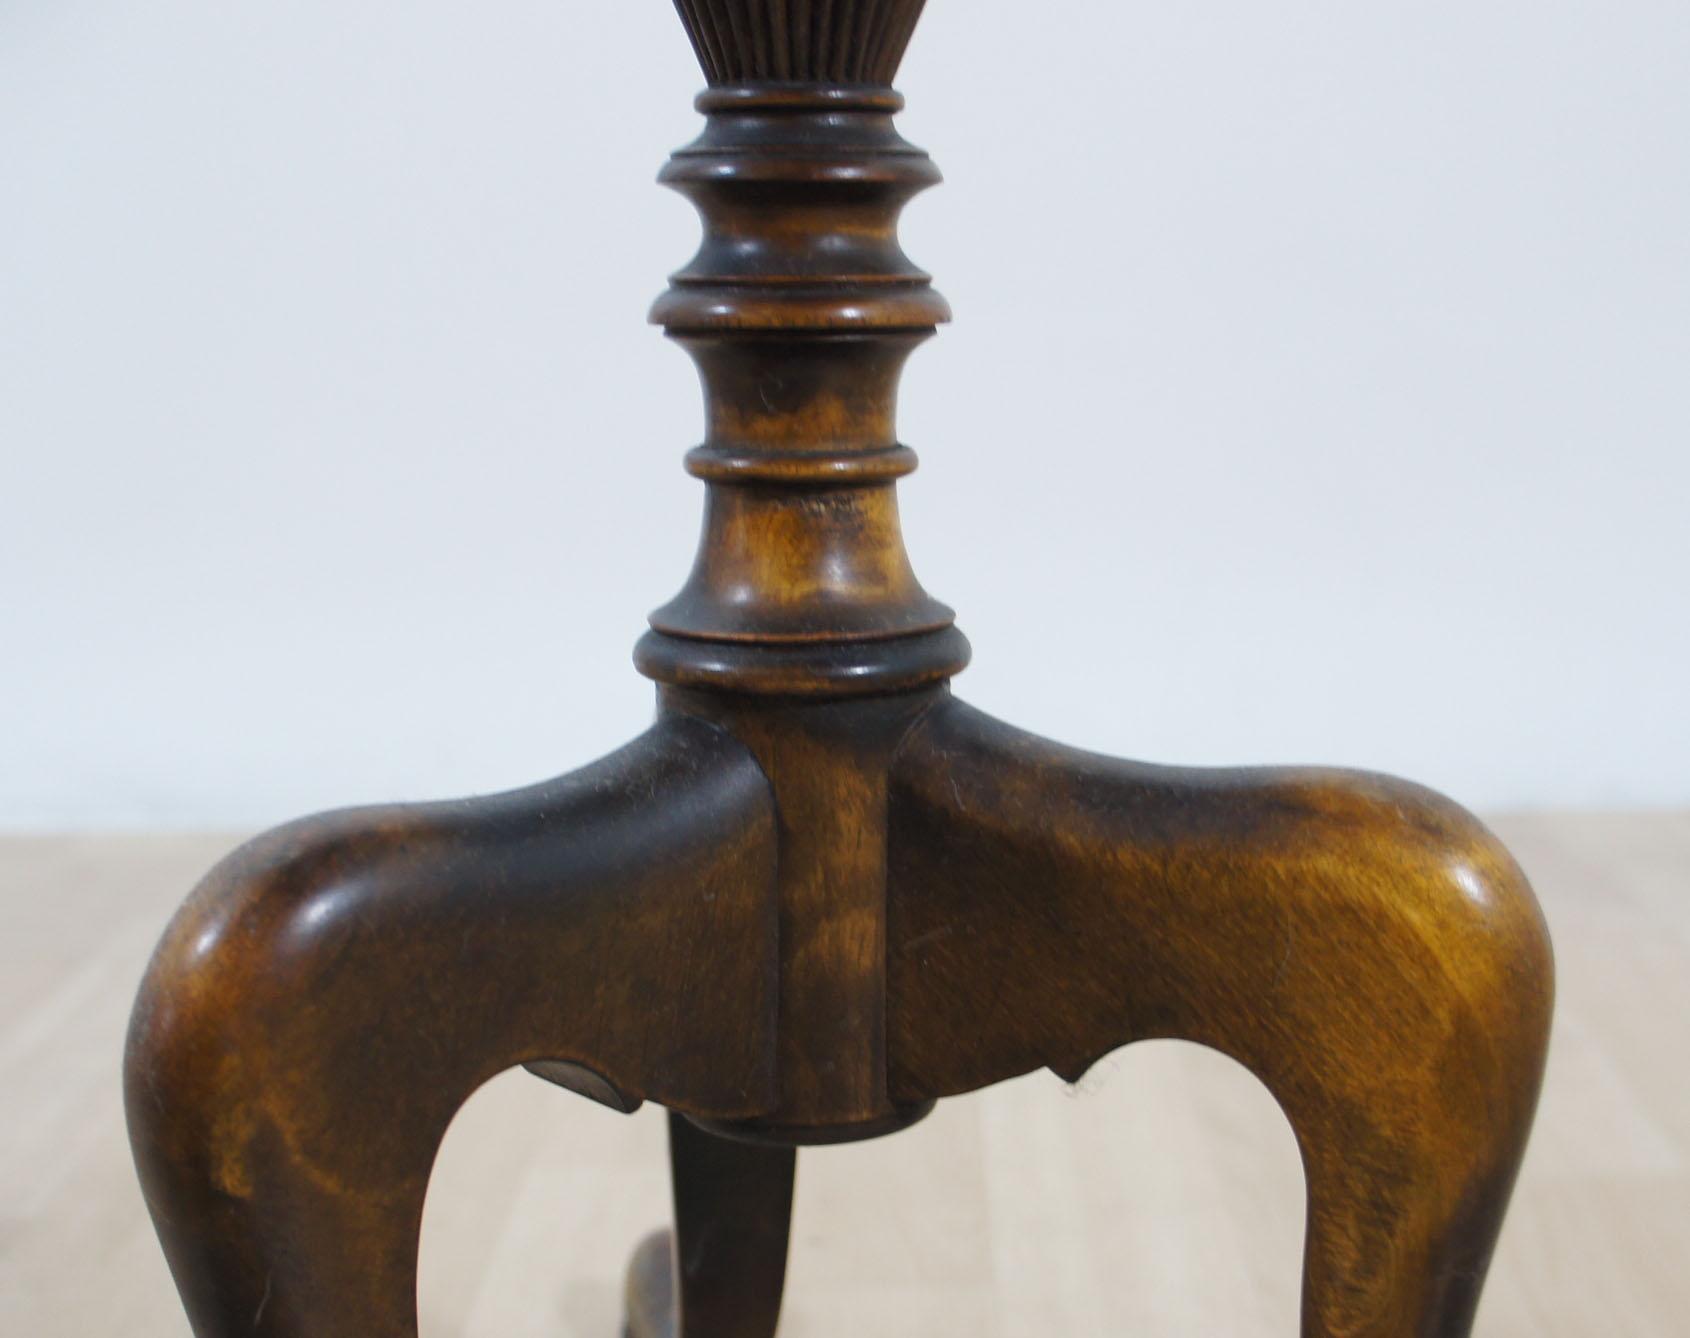 rauchertisch beistelltisch tisch holz dunkel 76 cm hoch ebay. Black Bedroom Furniture Sets. Home Design Ideas